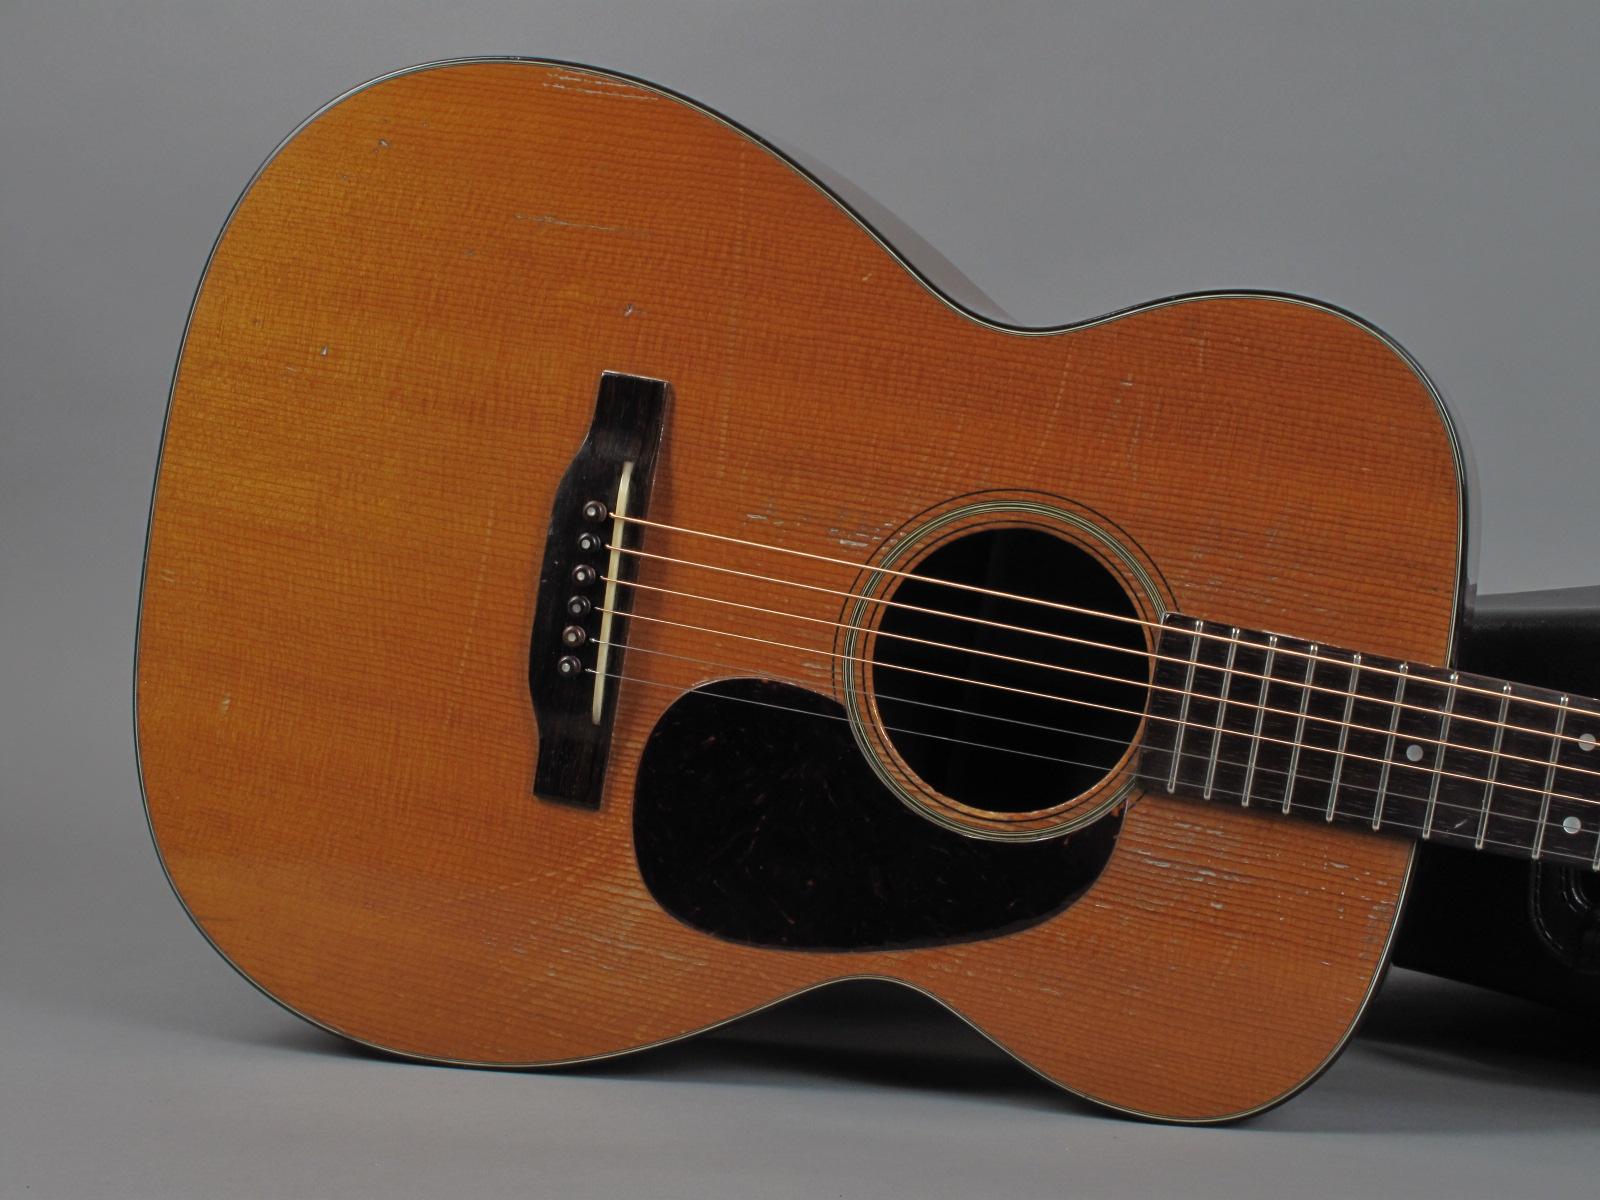 https://guitarpoint.de/app/uploads/products/1949-martin-00-18-natural/1949-Martin-0018-112754_10.jpg